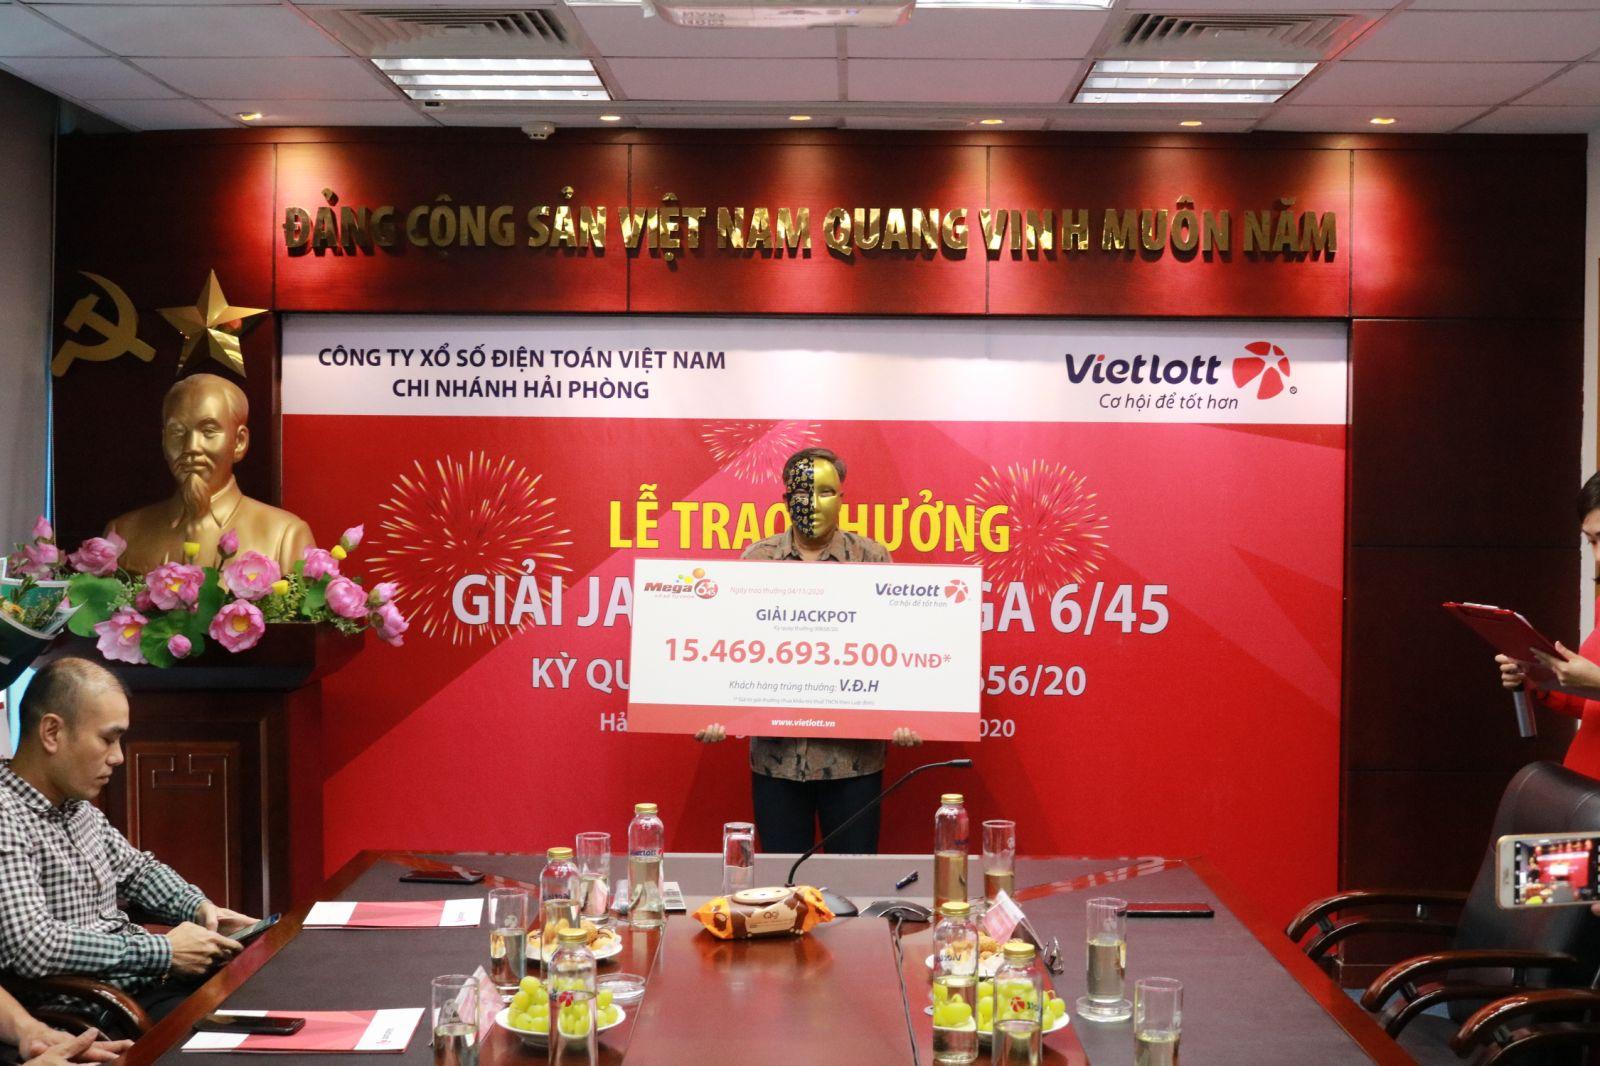 Vietlott trao Jackpot hơn 15 tỷ đồng cho người chơi tại Phú Thọ